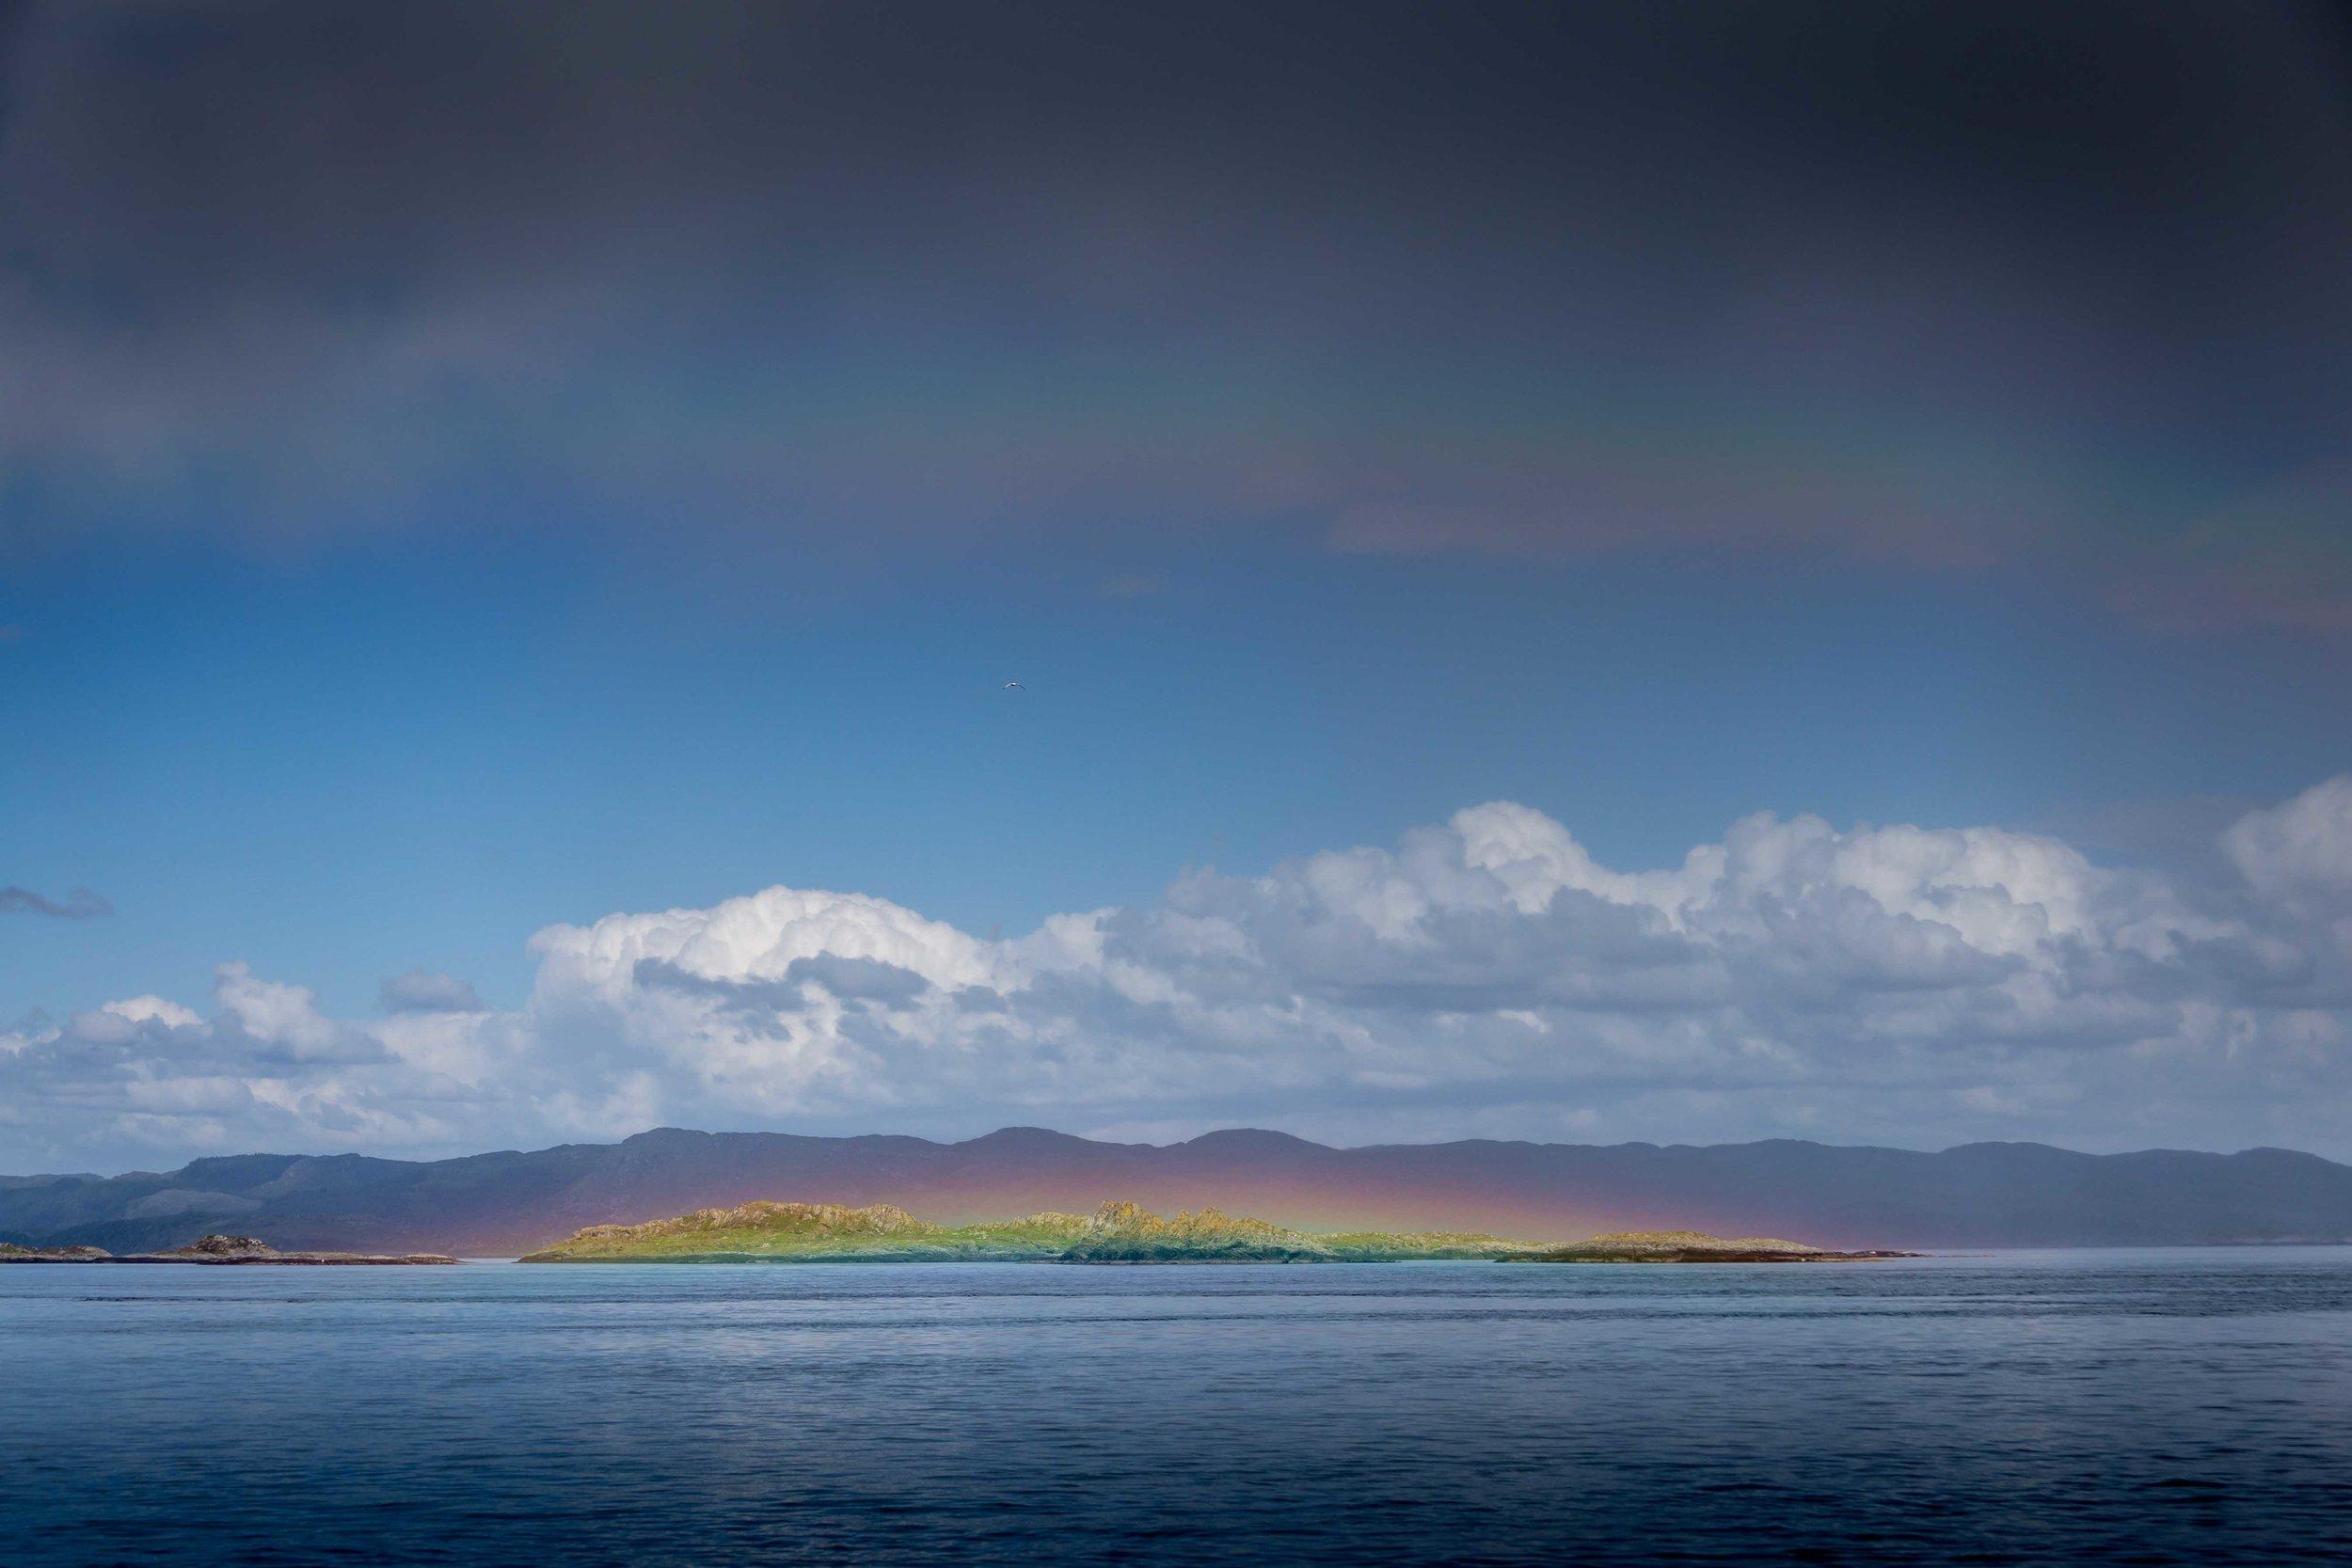 Spray bow and rainbow